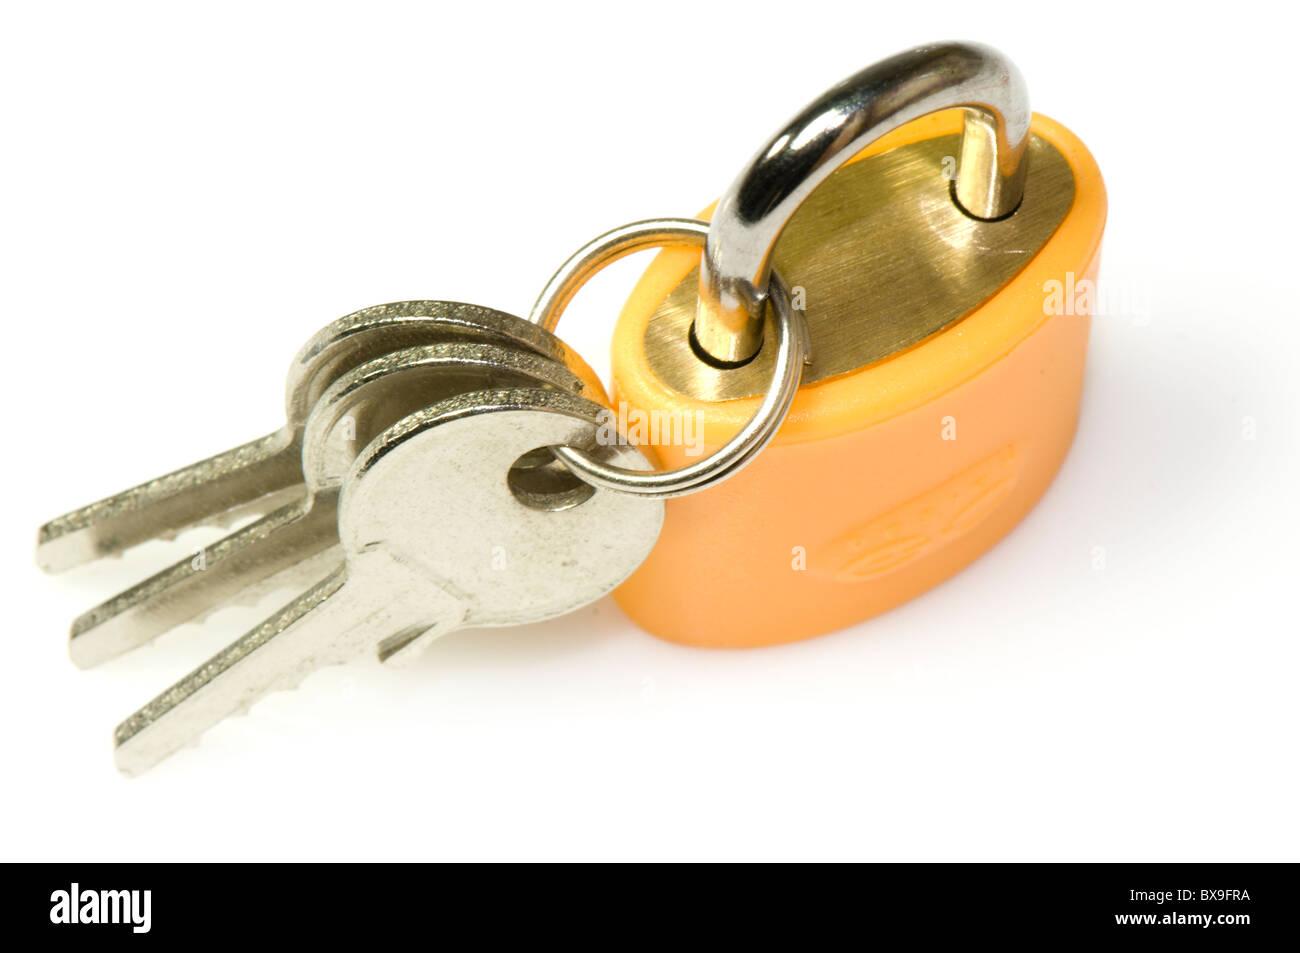 persönlichen Schloss und Schlüssel auf weißem Hintergrund Stockbild